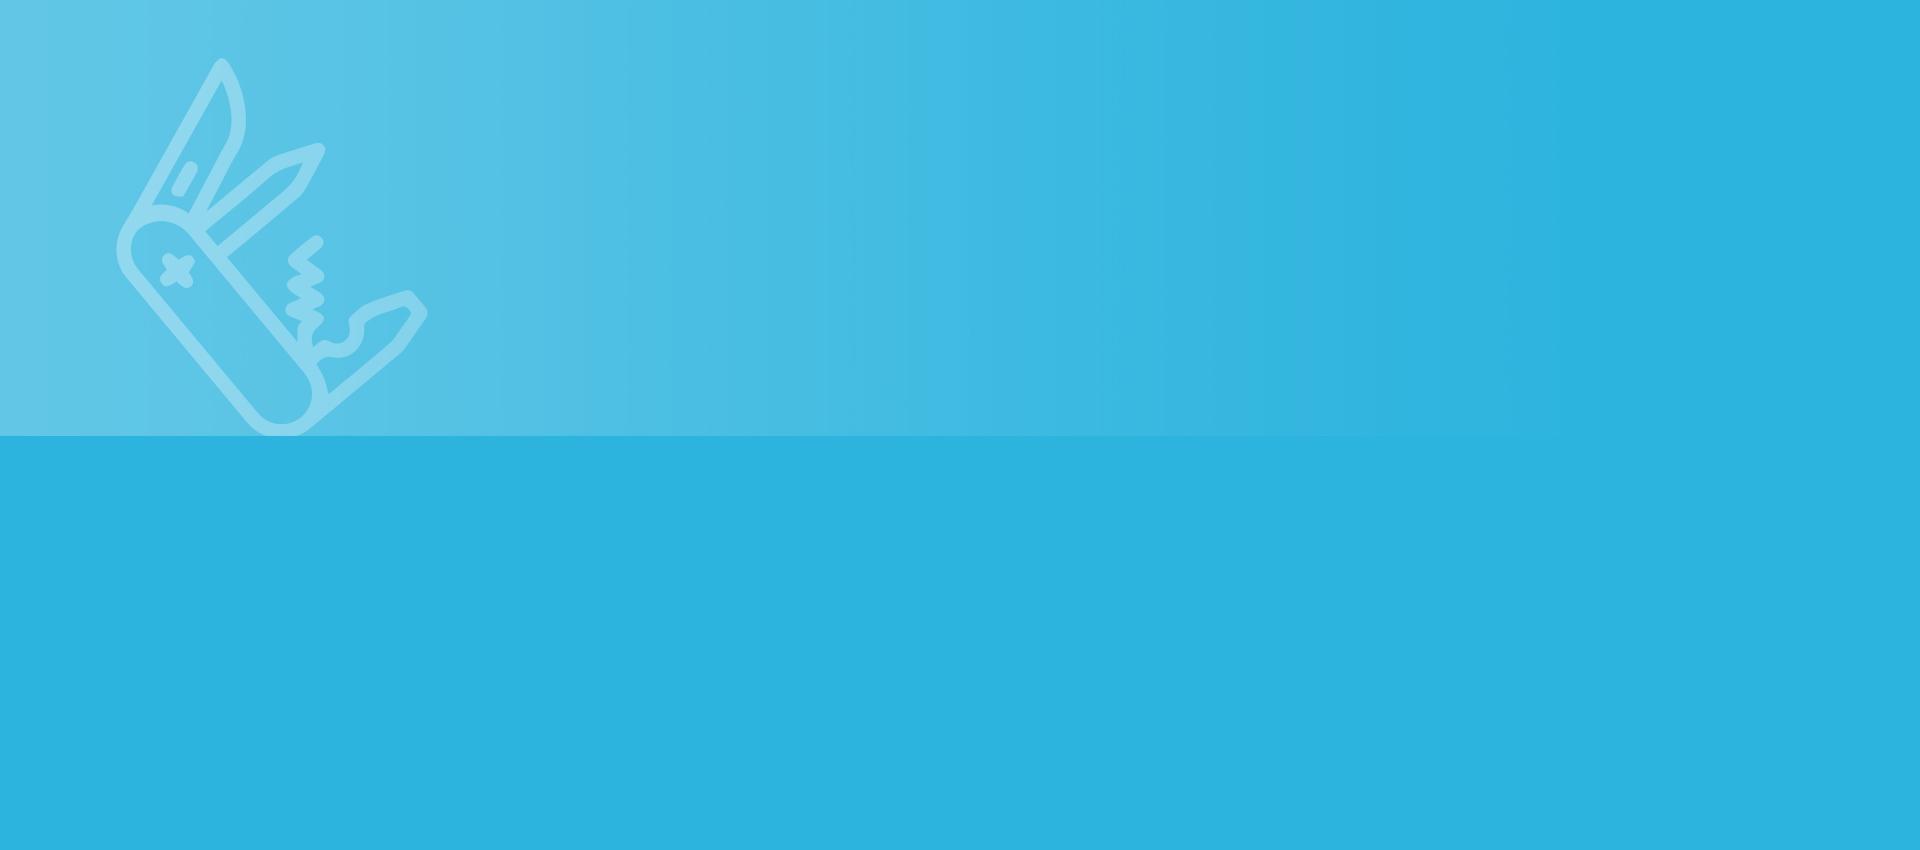 Blauer farblicher Hintergrund - pragmatisch